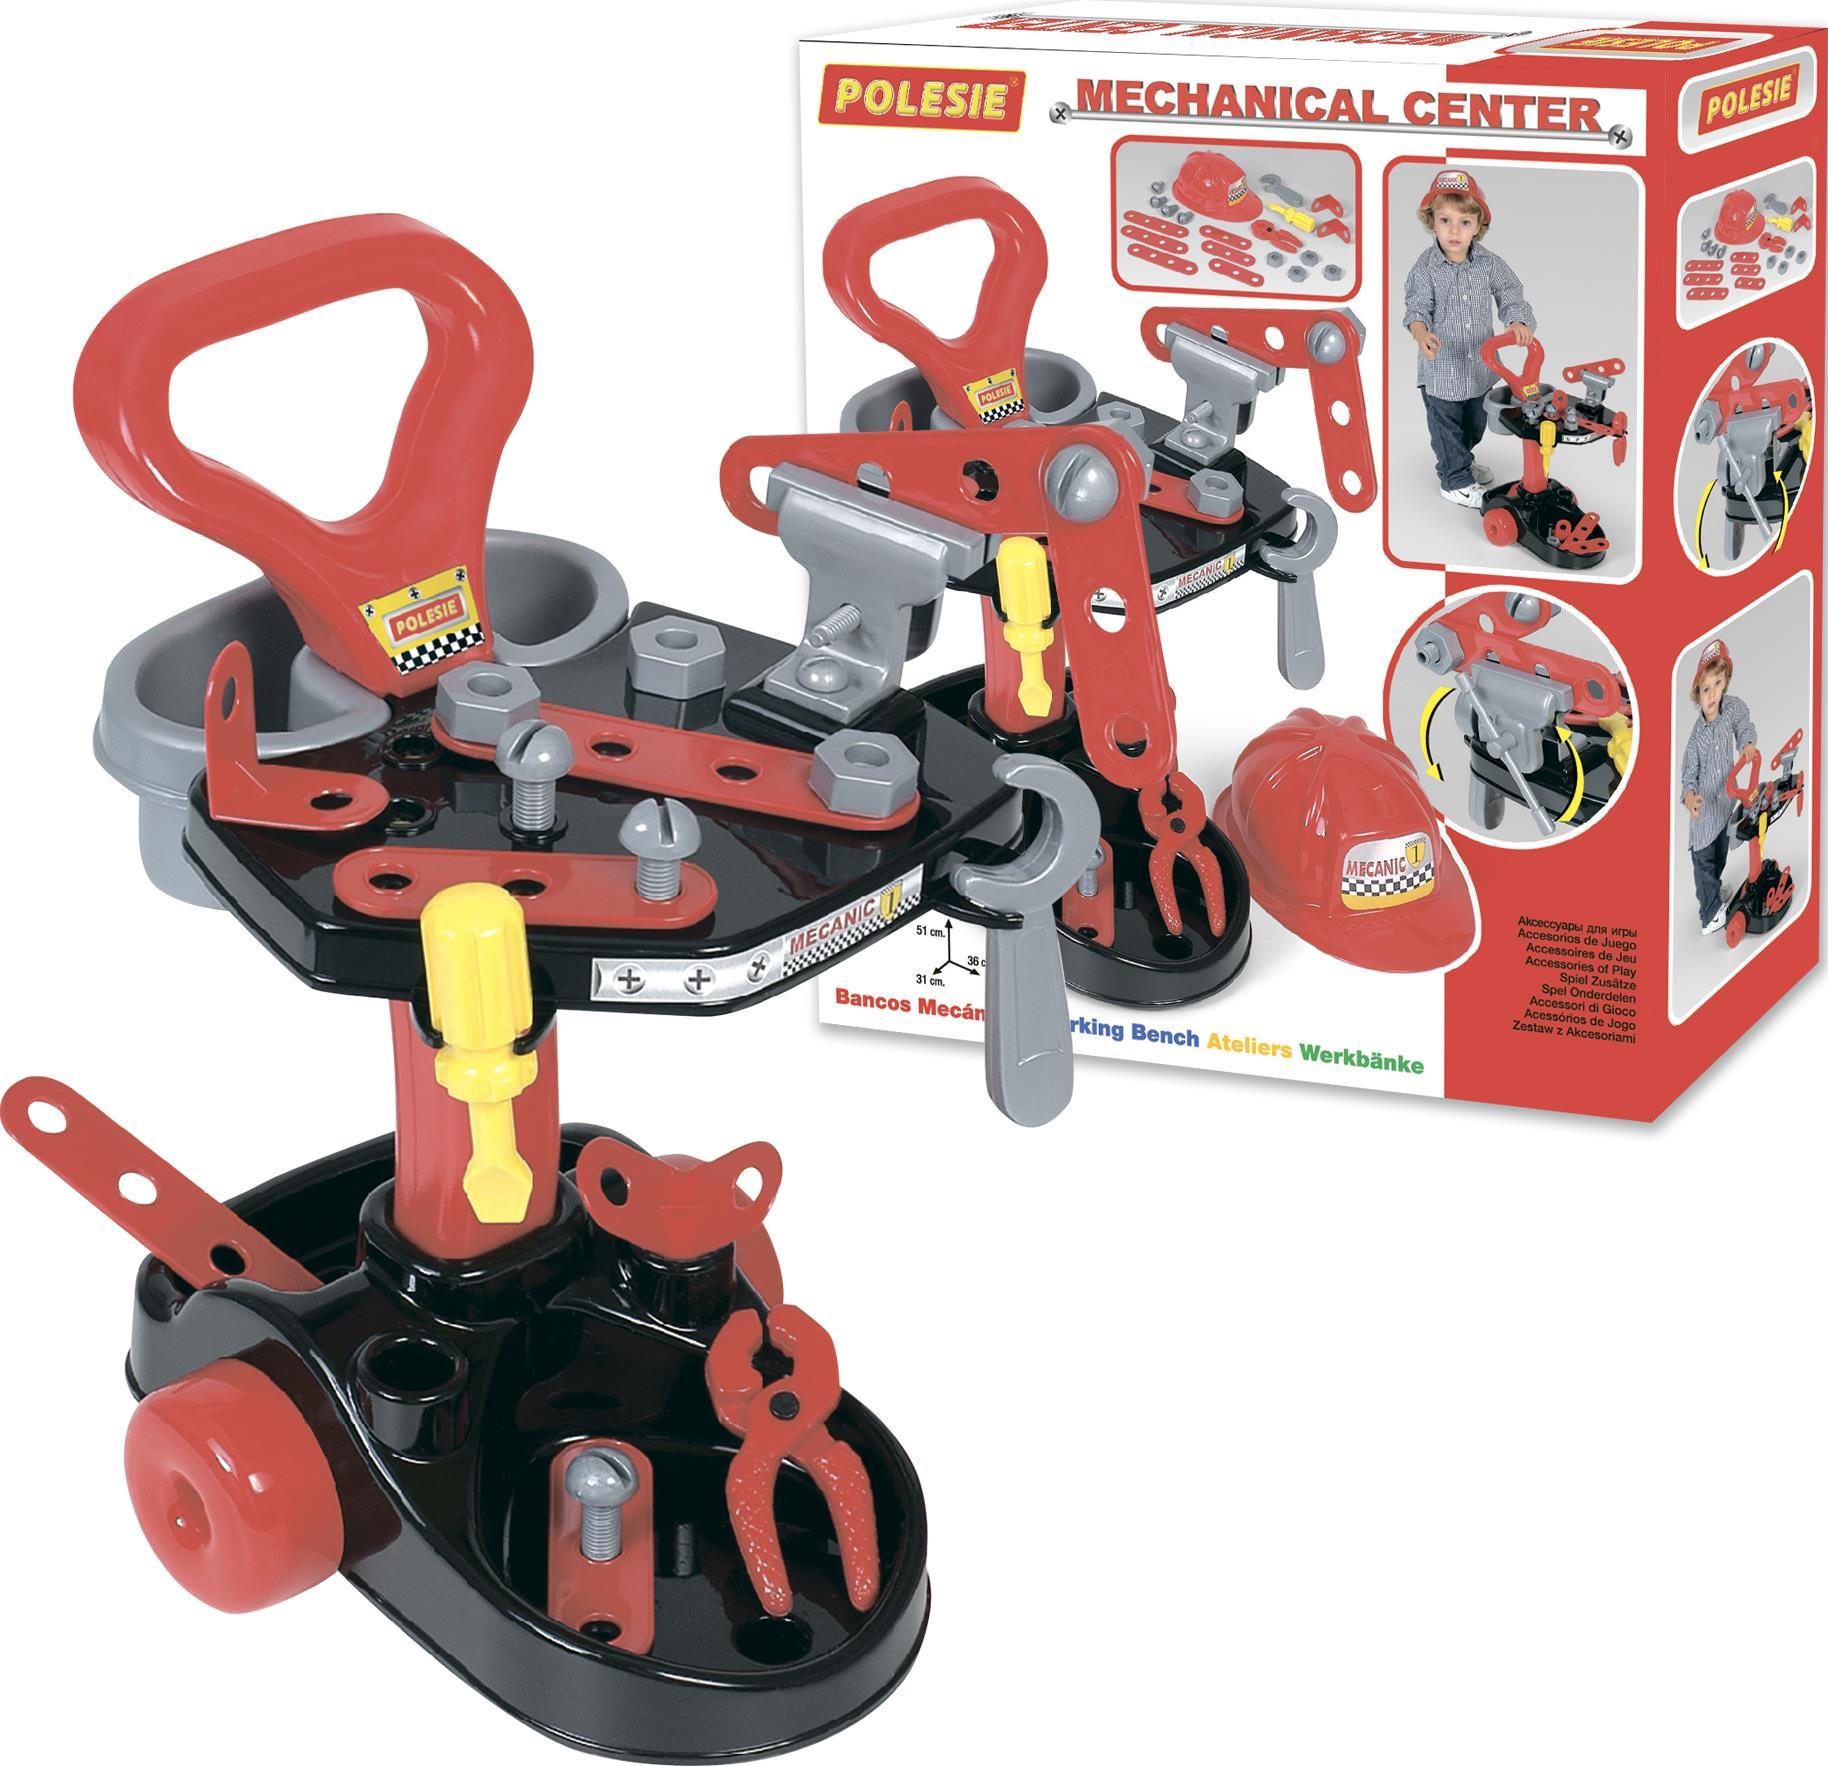 Тематический игровой набор – Механик, в коробкеДетские мастерские, инструменты<br>Тематический игровой набор – Механик, в коробке<br>